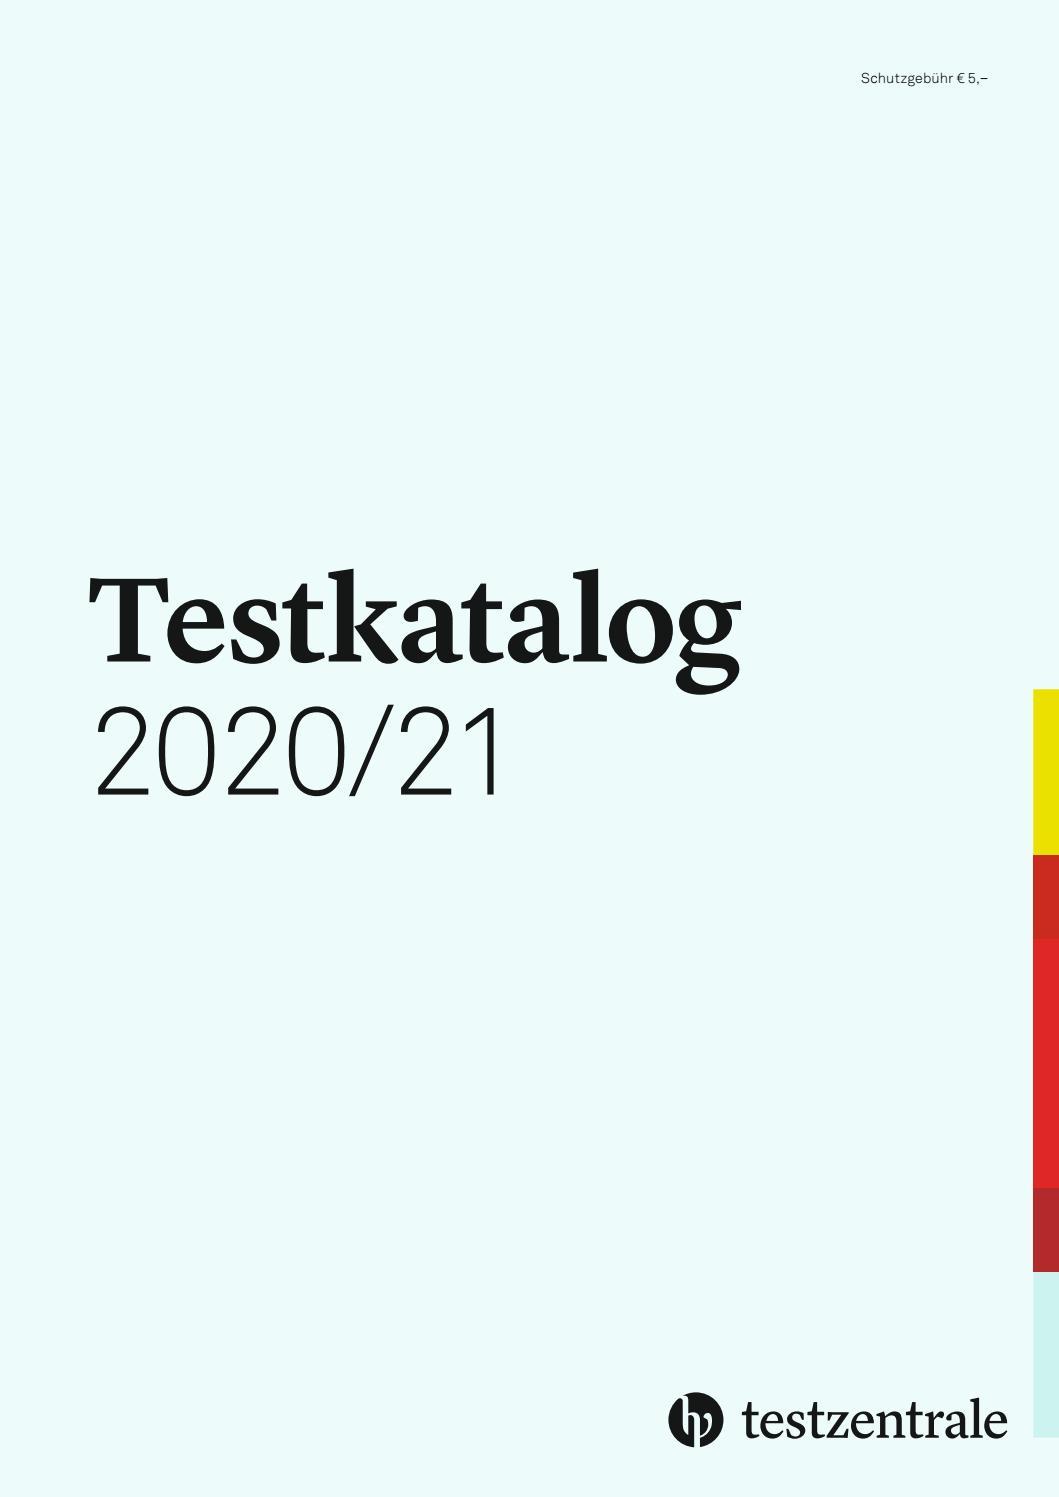 Testkatalog 2020/21 (Testzentrale Deutschland) By Hogrefe bei Konzentrationstest Zum Ausdrucken